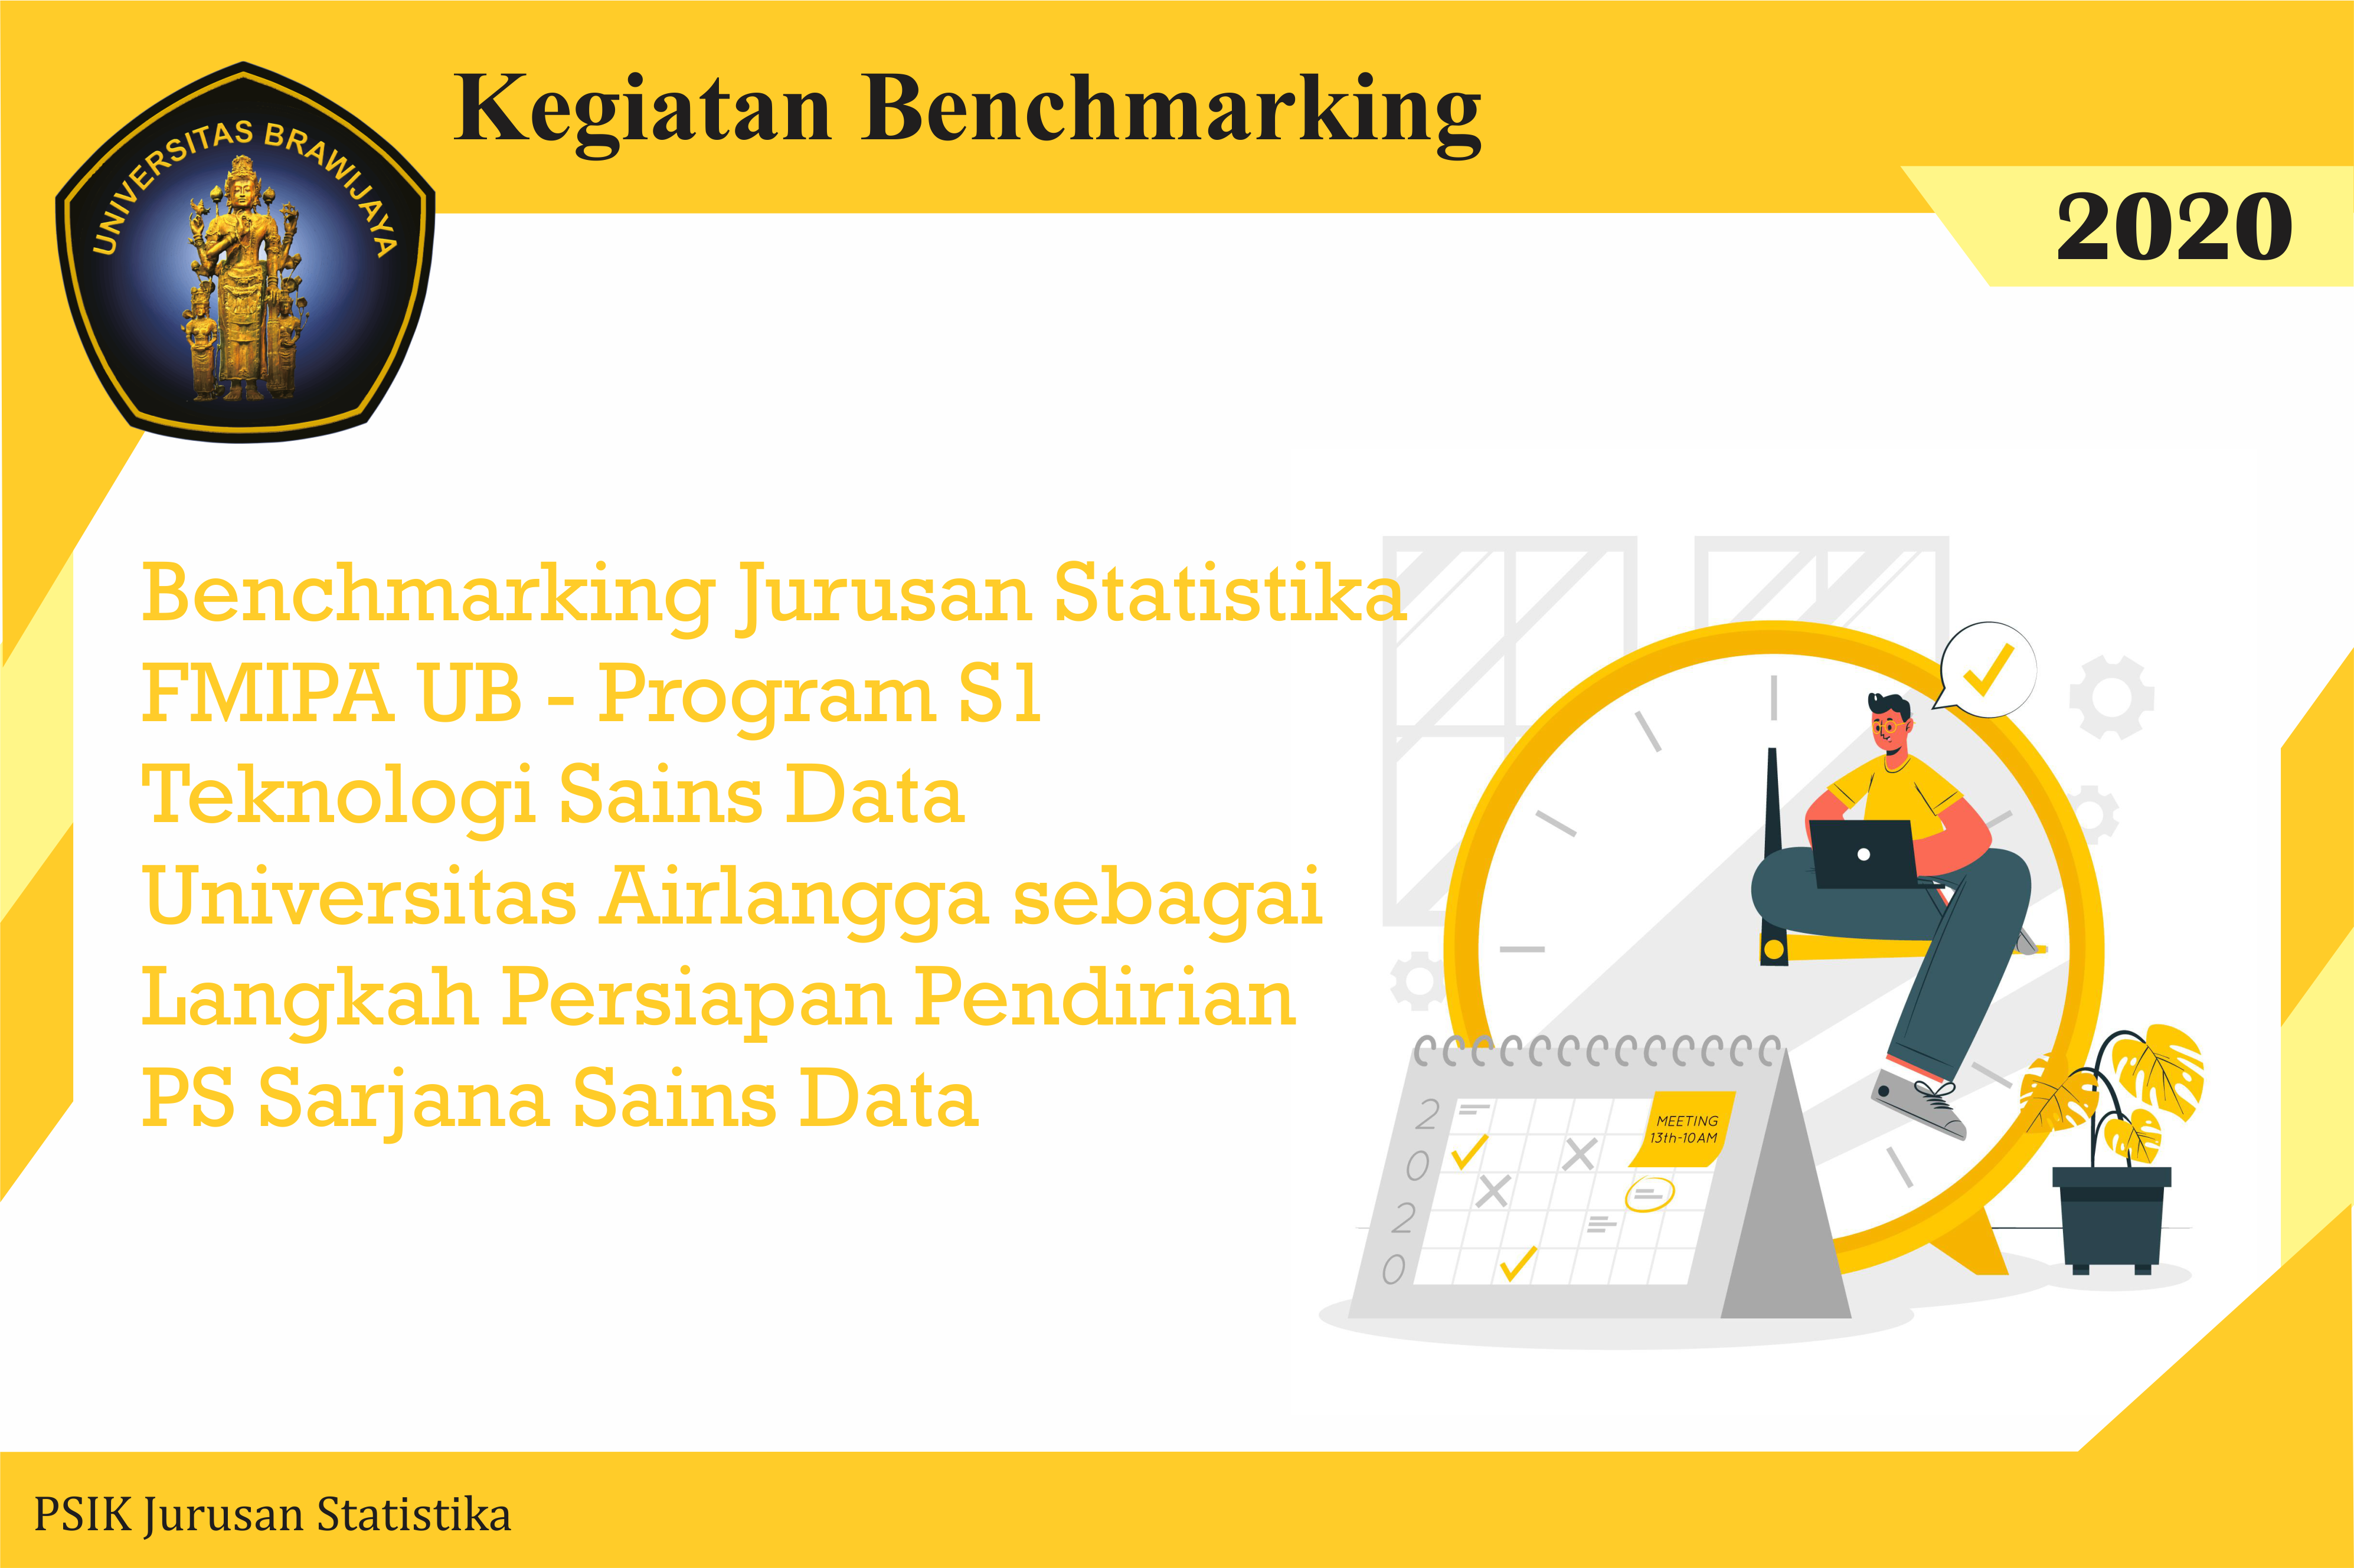 Benchmarking Jurusan Statistika FMIPA UB – Universitas Airlangga